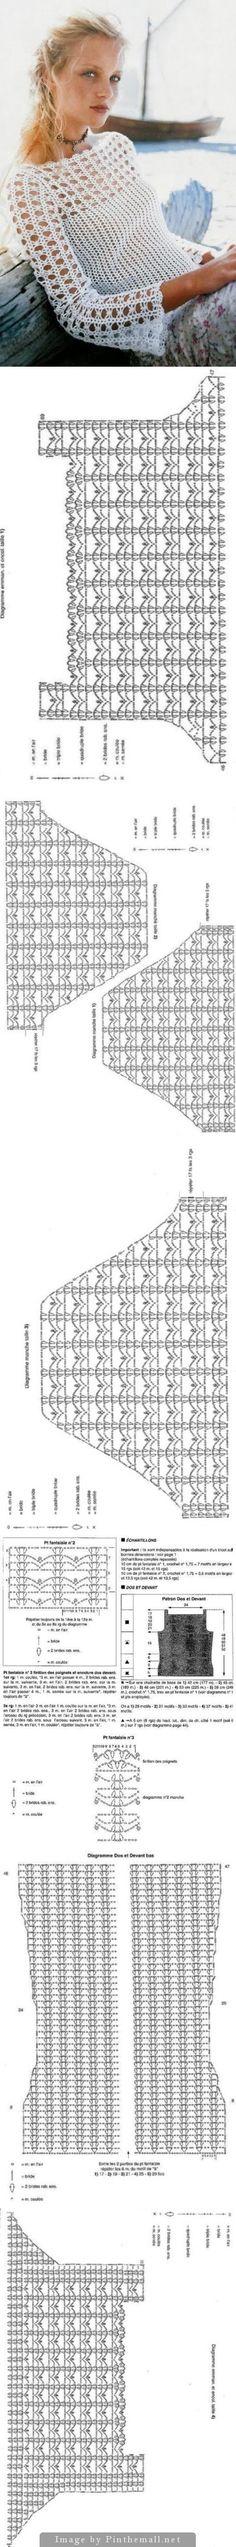 Blusa de crochê com gráfico